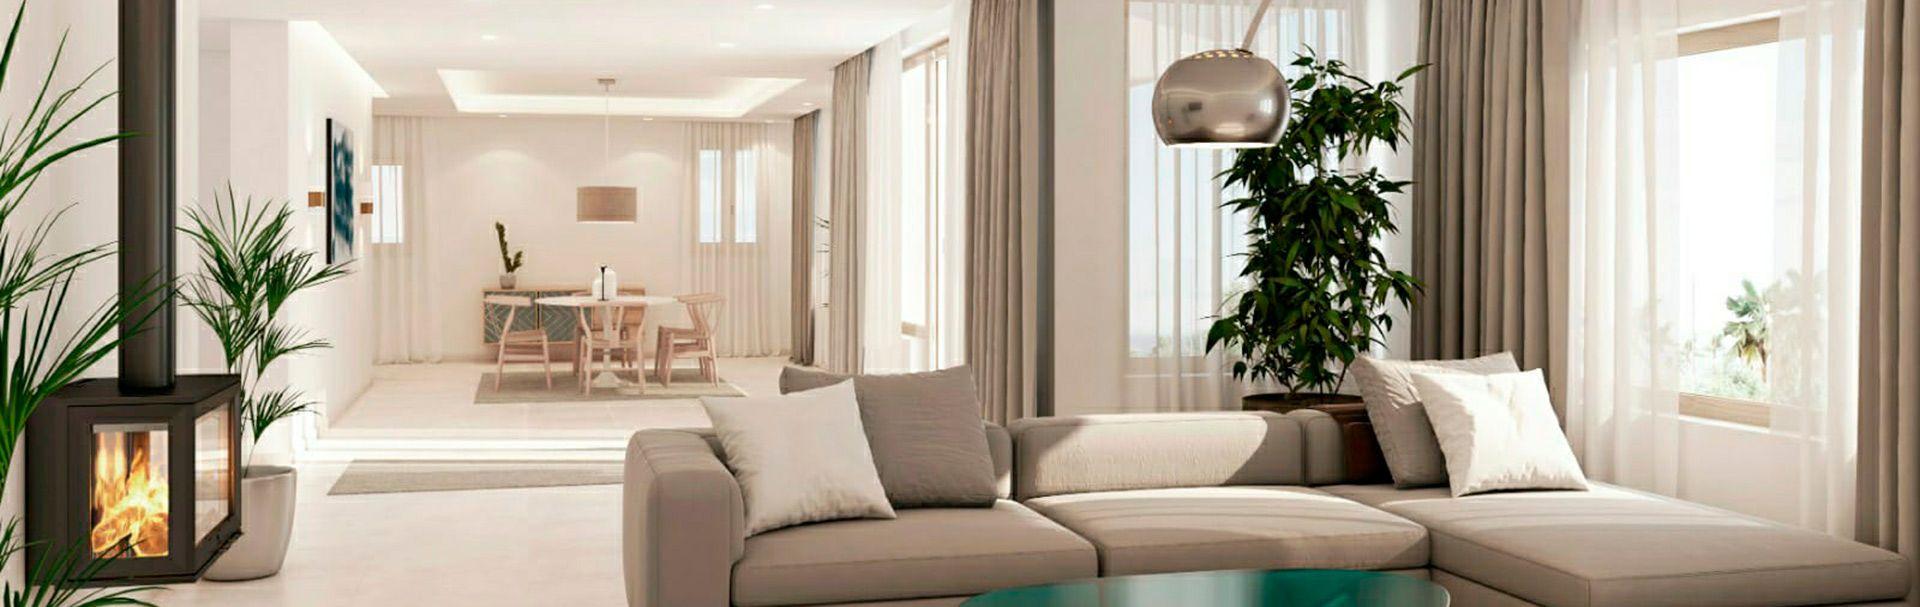 Colores diseño interior 2021